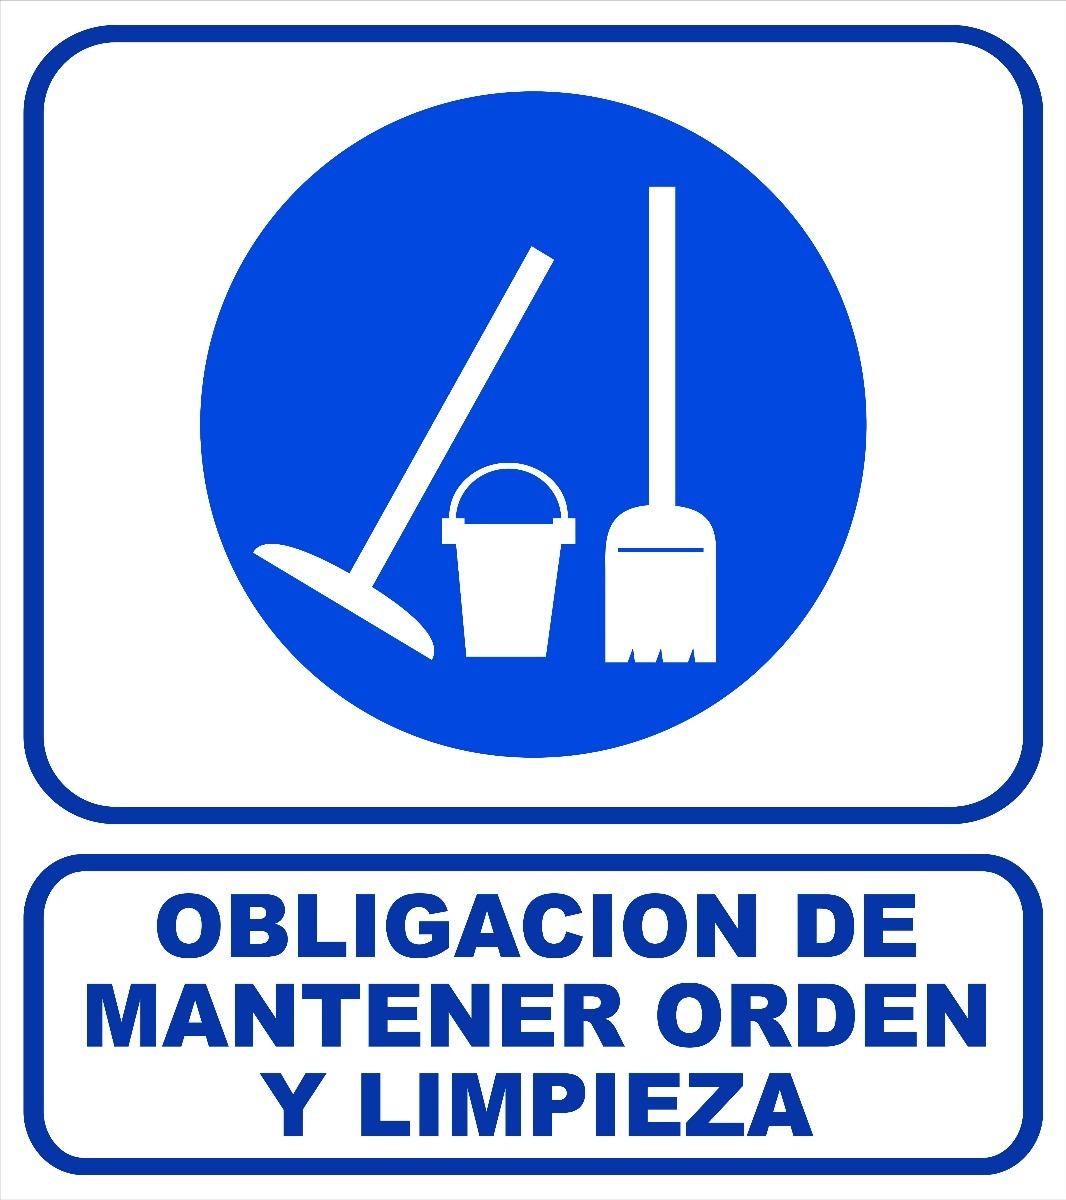 cartel 40x45 cm obligación de mantener orden y limpieza 79 02 en